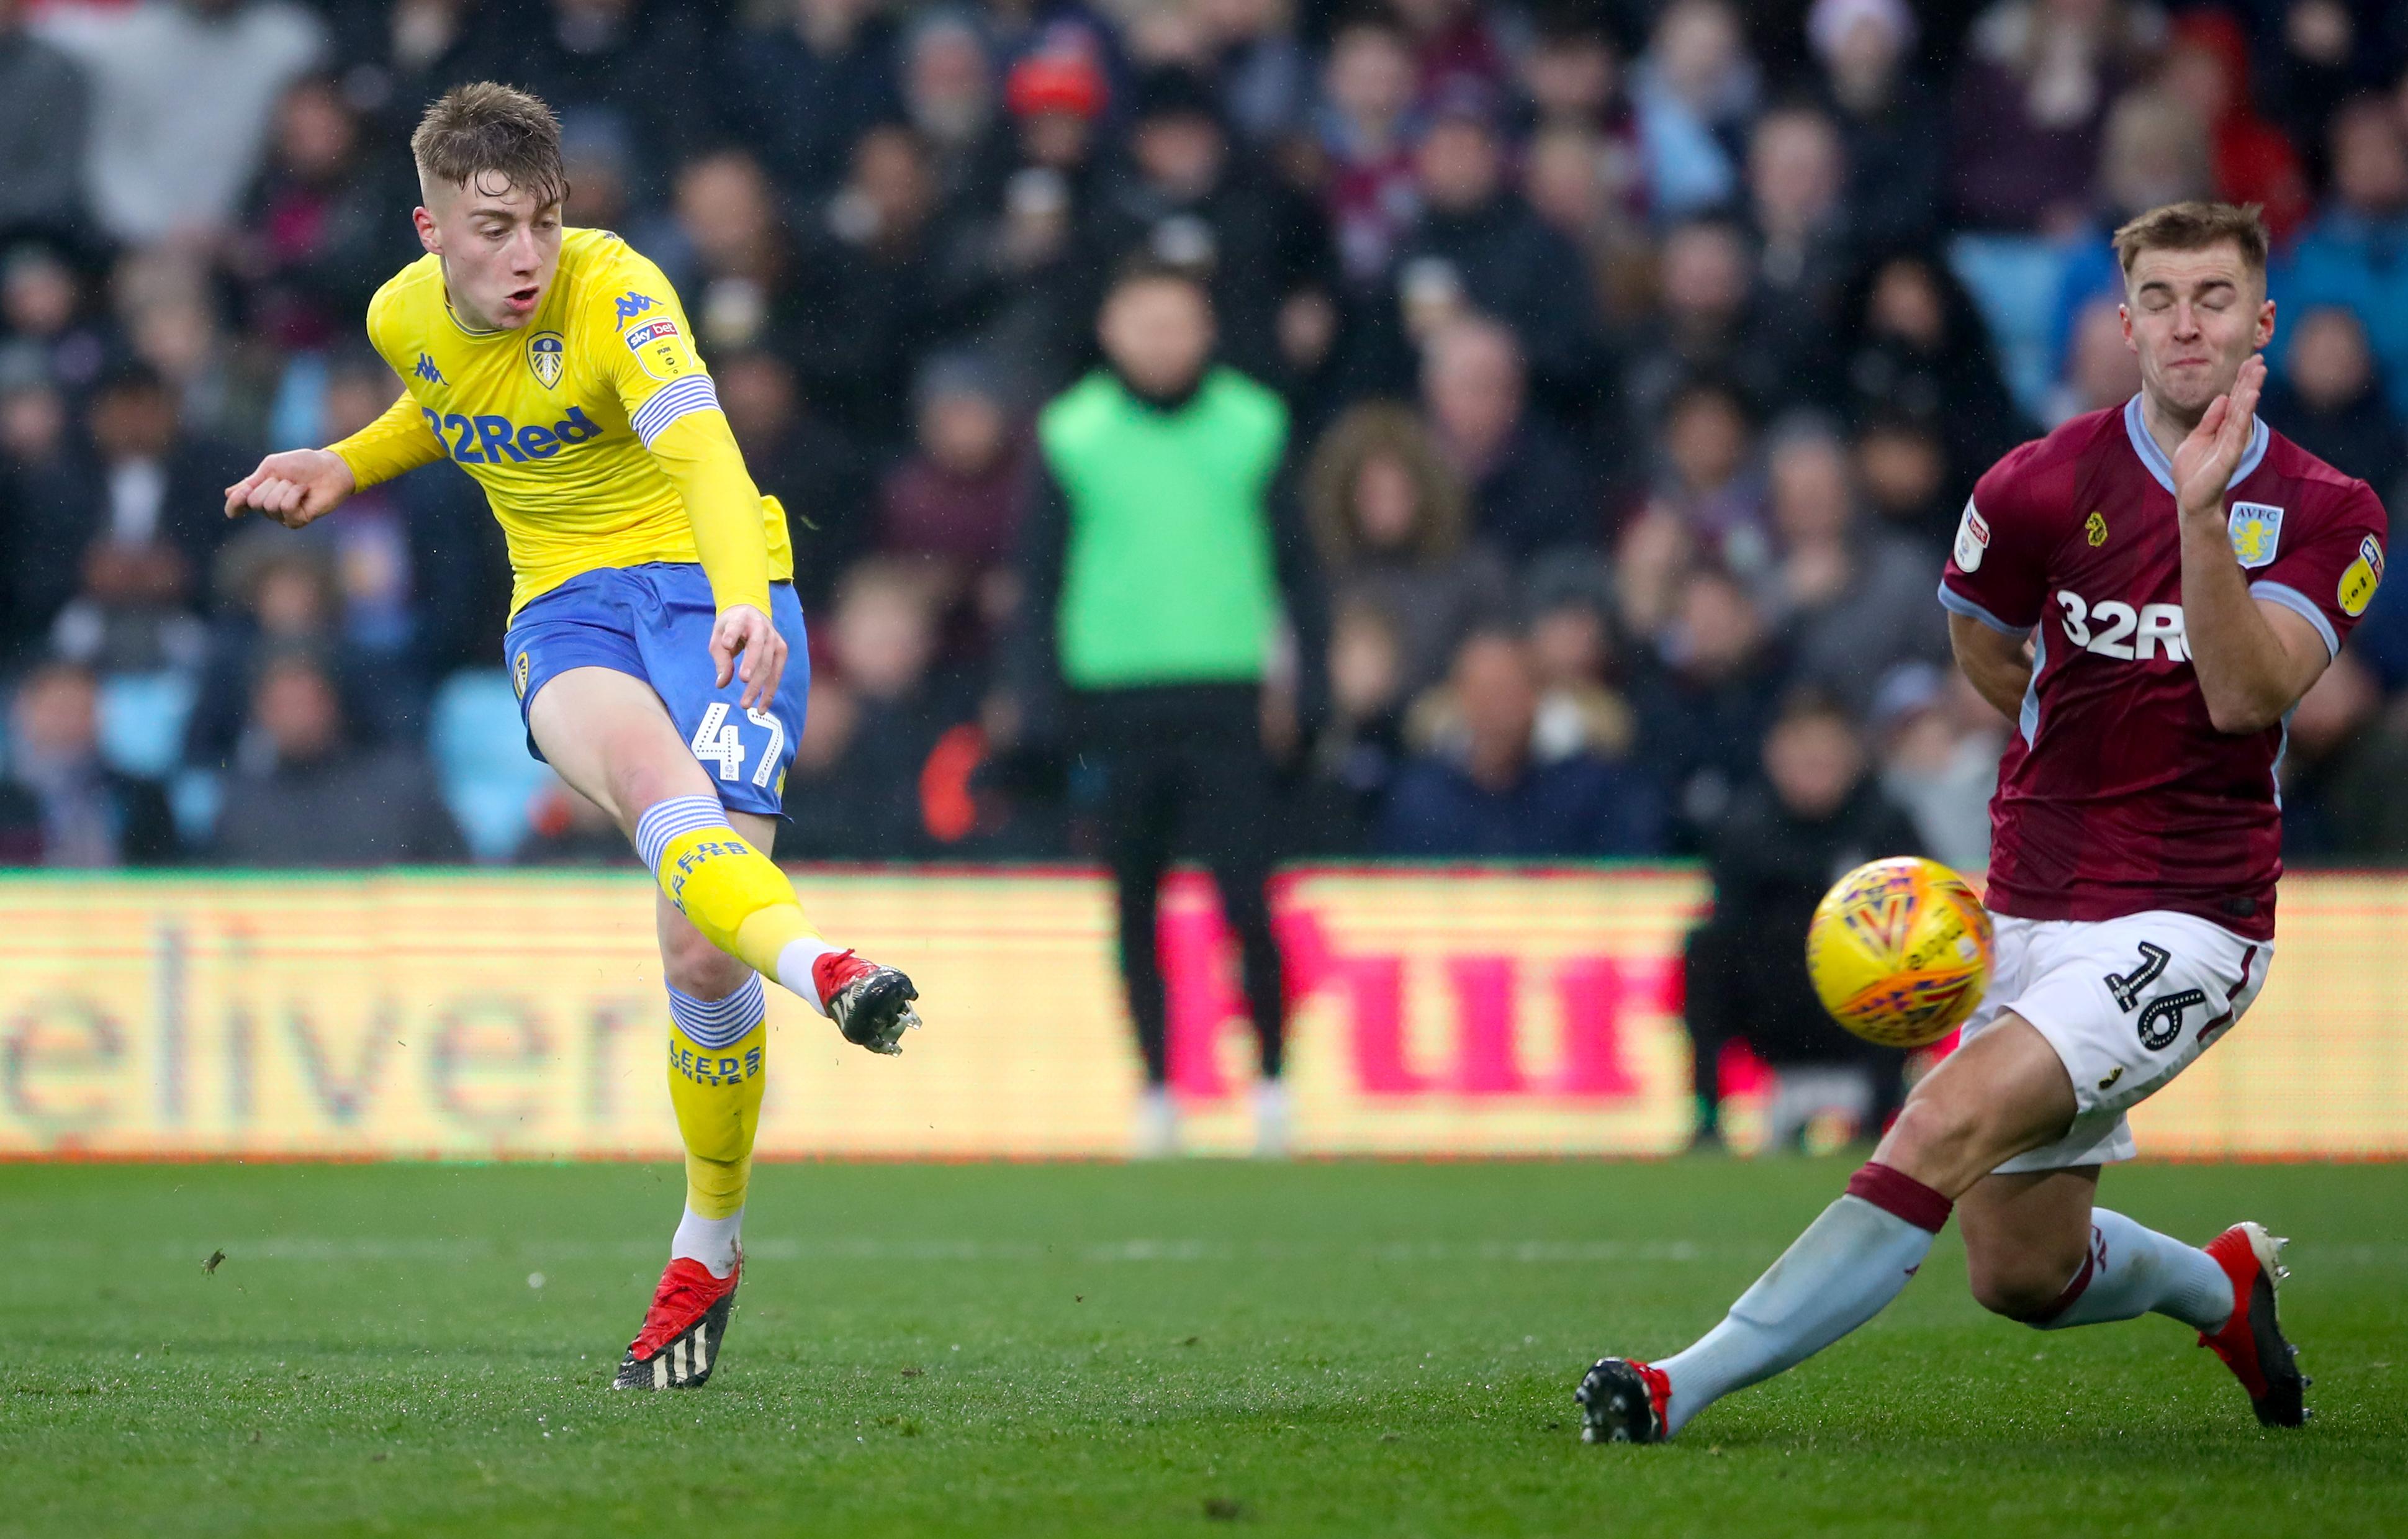 Aston Villa v Leeds United - Sky Bet Championship - Villa Park